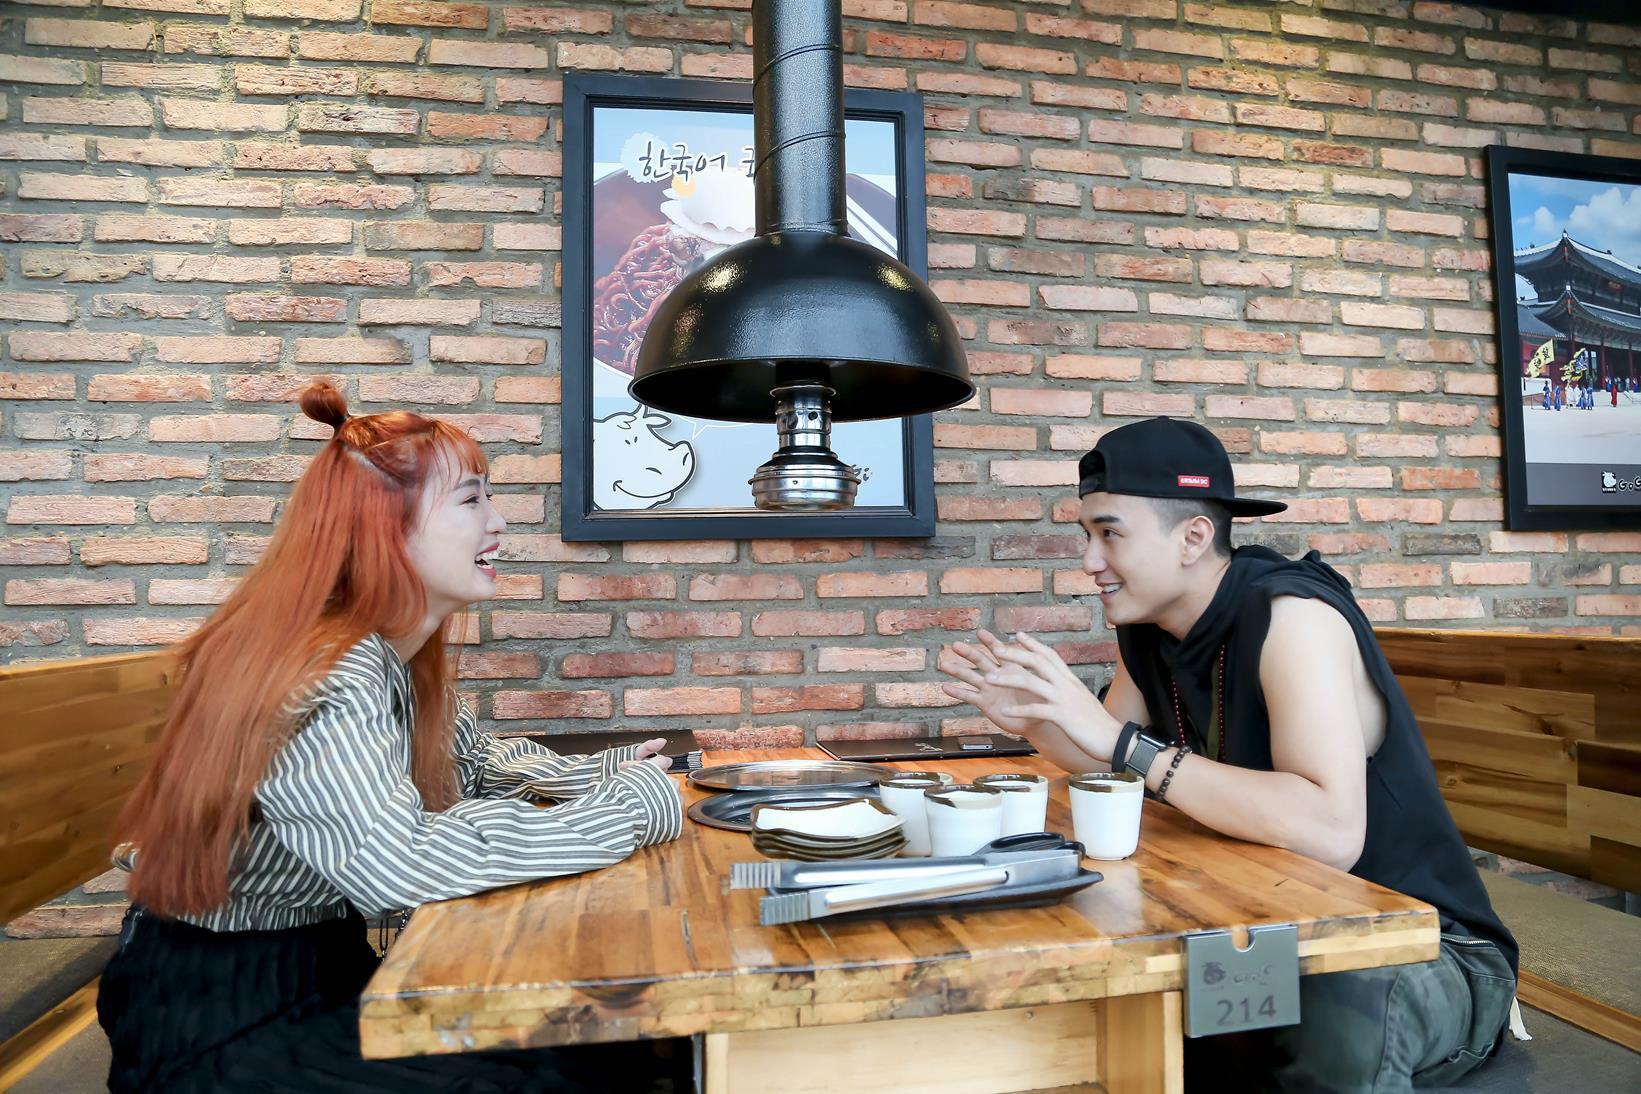 Vừa mới công khai bạn gái, Huỳnh Anh đã vui vẻ đi ăn với người đẹp khác - Ảnh 2.